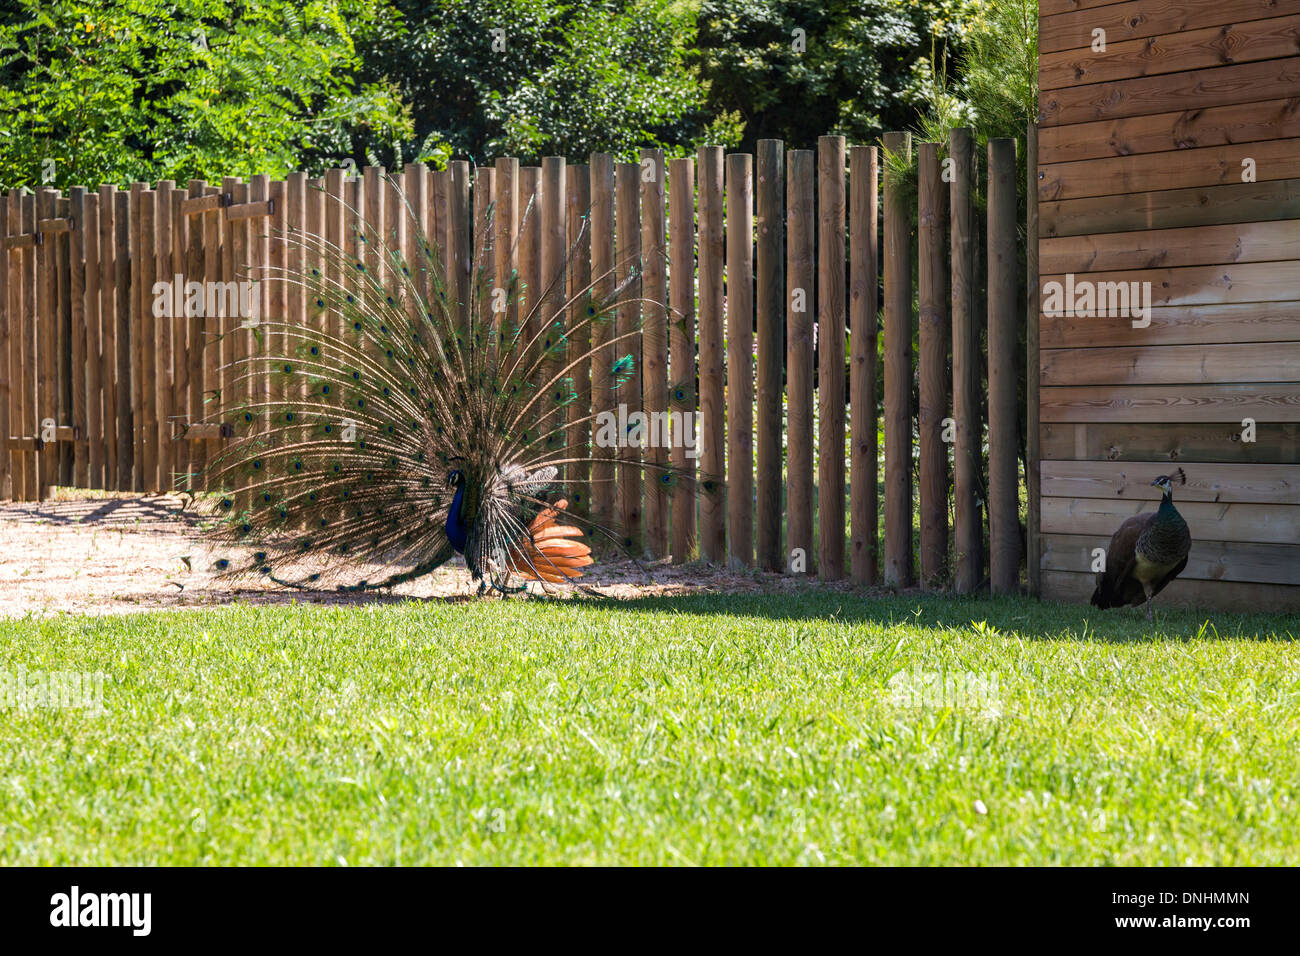 Männlichen indischen Pfauen (Pavo Cristatus) Anzeige Gefieder, Zoo von Barcelona, Barcelona, Katalonien, Spanien Stockbild